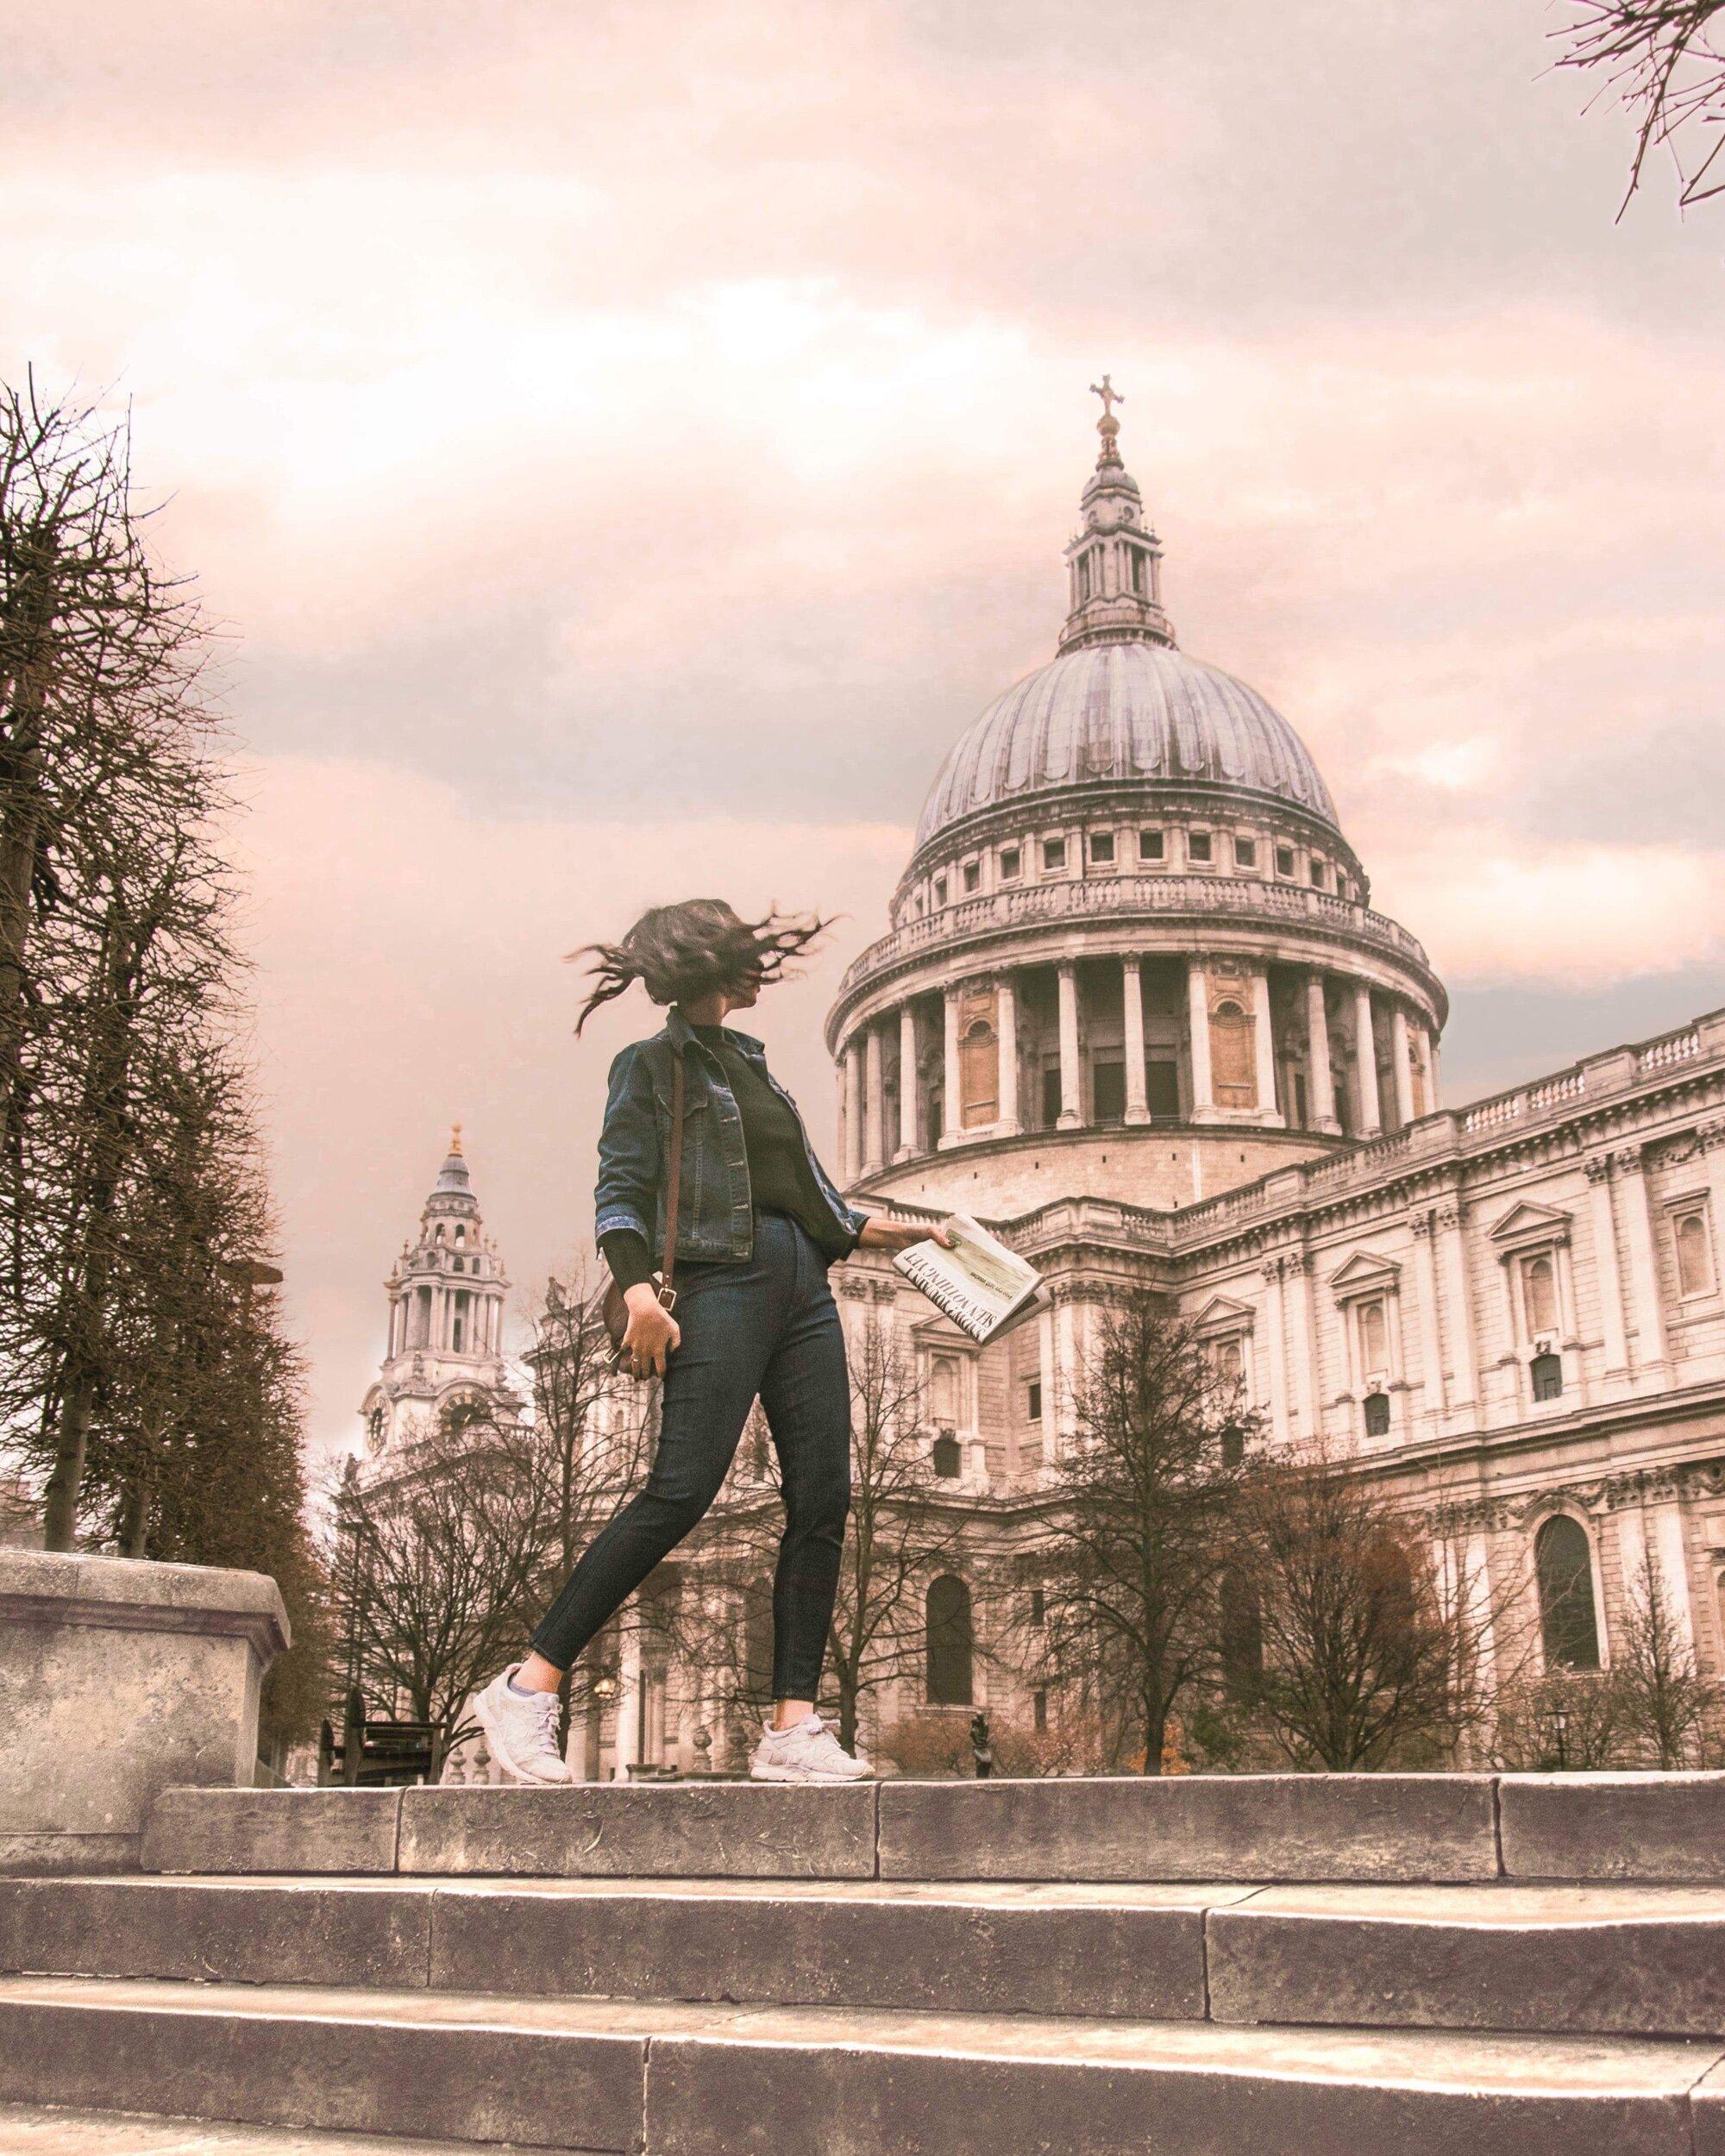 穿着牛仔装,手拿报纸走在伦敦圣保罗大教堂外